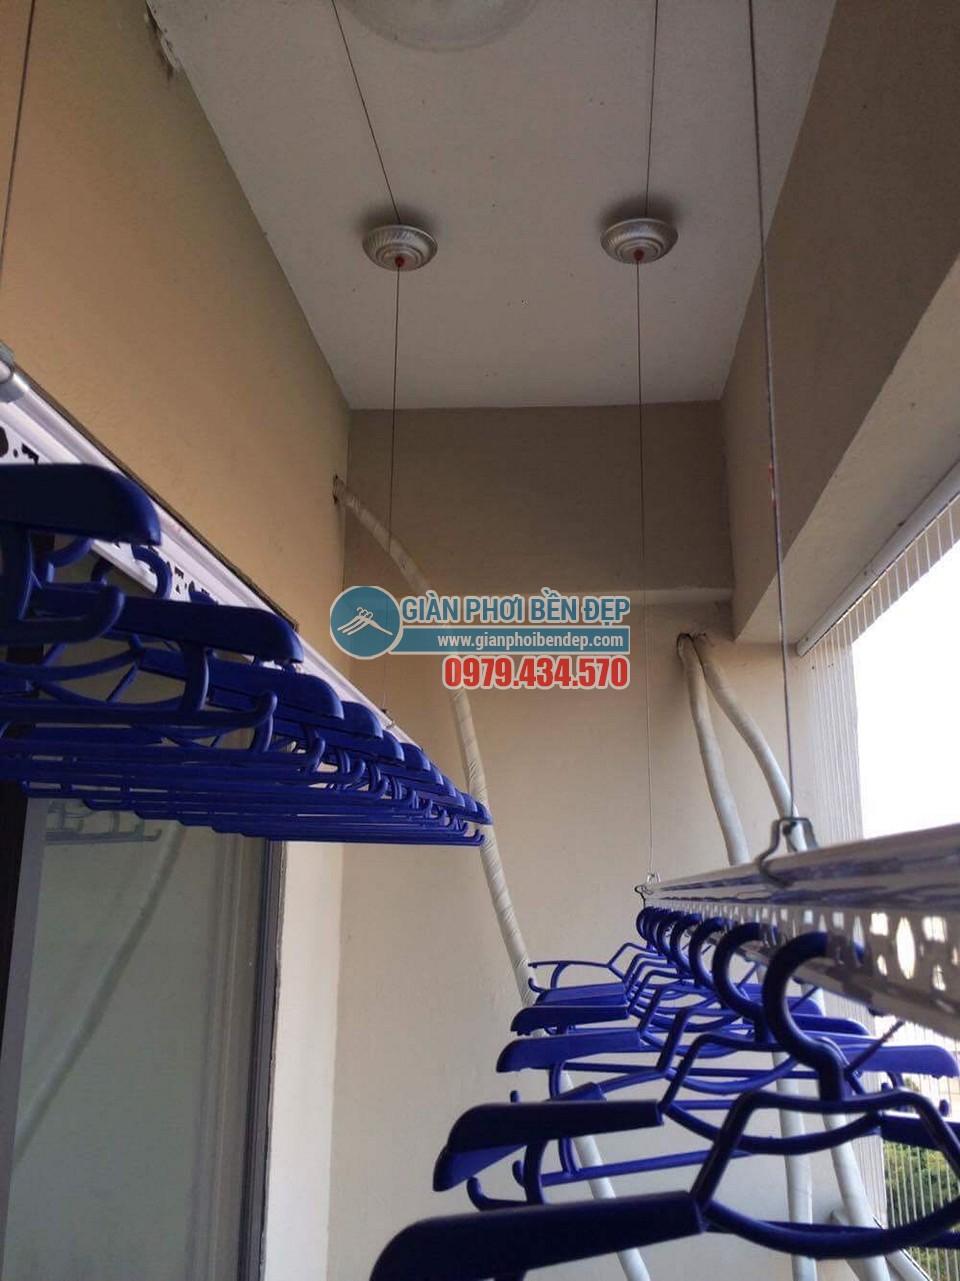 Dịch vụ sửa giàn phơi thông minh tại nhà giá rẻ nhất Hà Nội